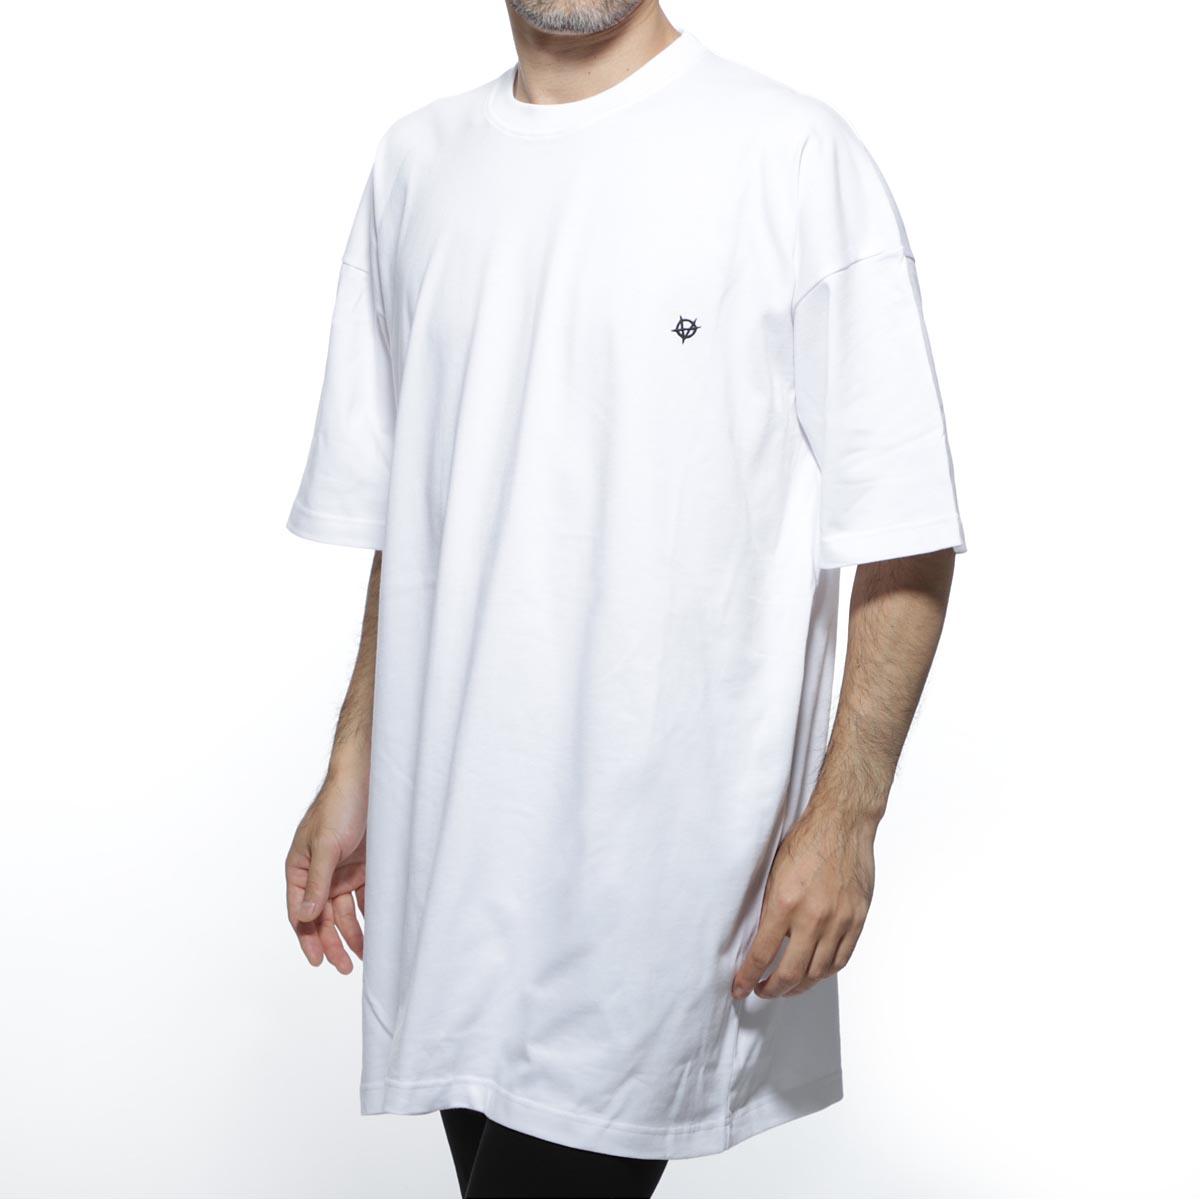 【アウトレット】ヴェトモン VETEMENTS クルーネックTシャツ ホワイト メンズ カジュアル トップス mah20tr021 white Anarchy【あす楽対応_関東】【返品送料無料】【ラッピング無料】